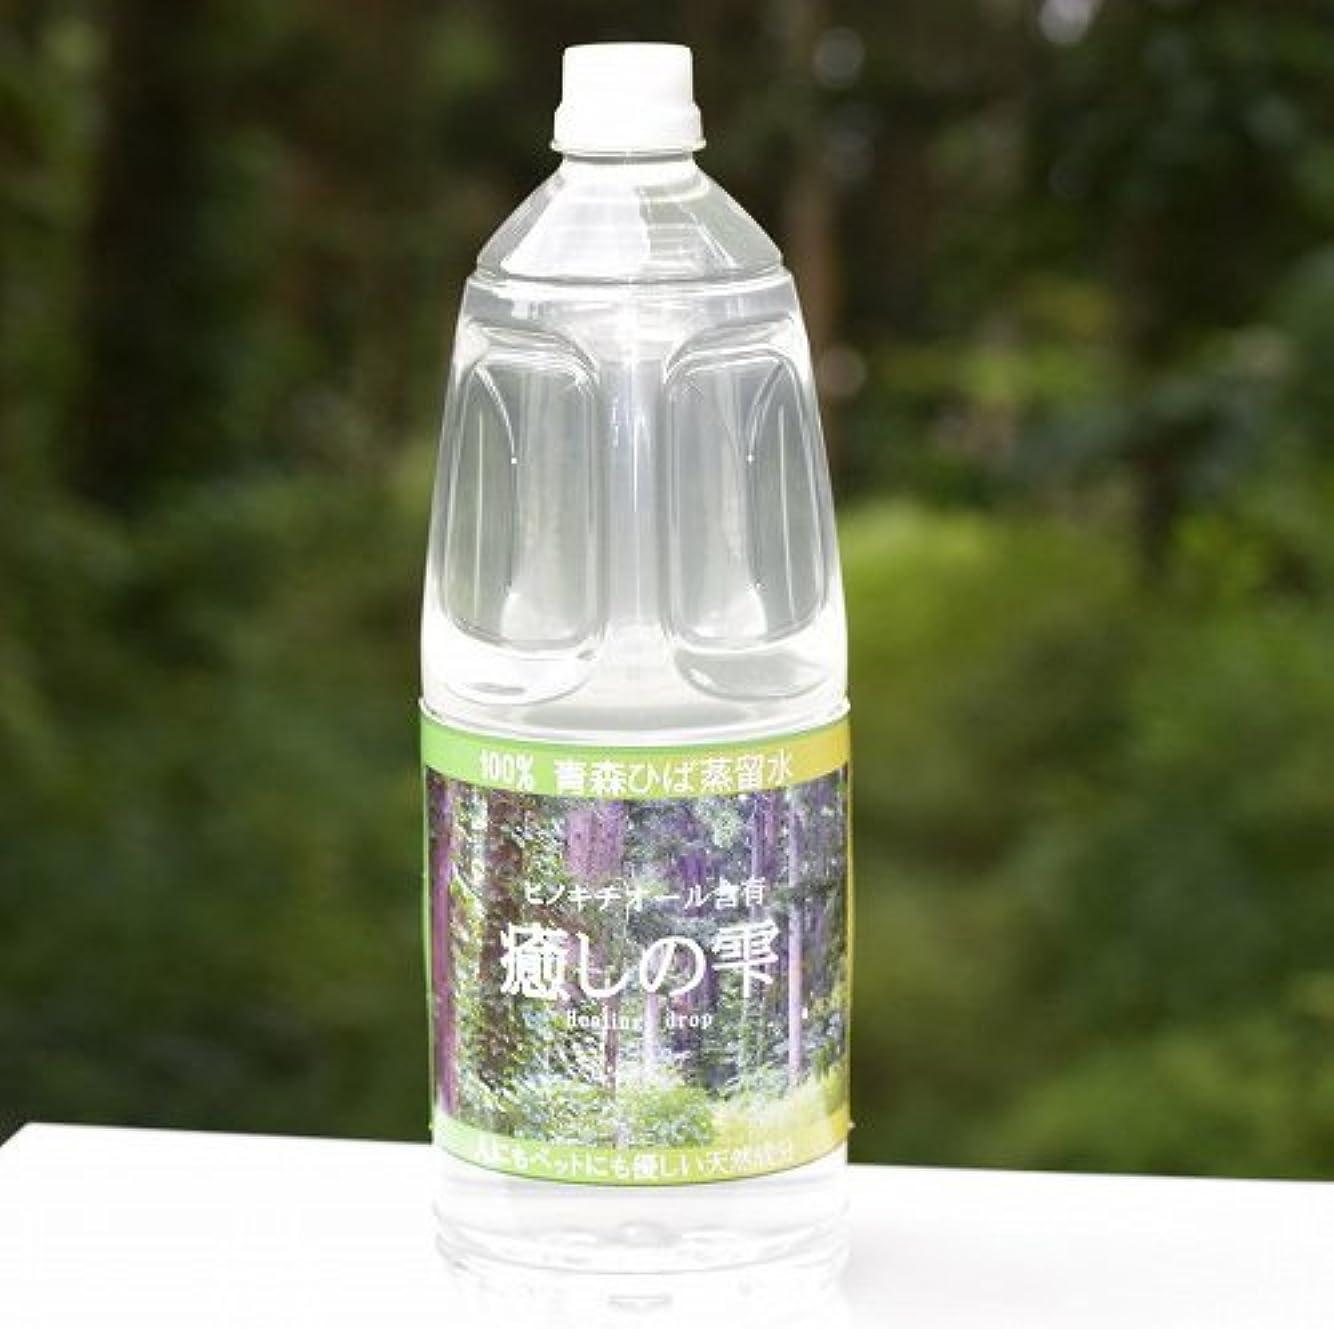 電気陽性雨ガイダンス青森ひば 天然ヒバ水 癒しの雫 蒸留水 送料無料 1.8L×1本 お試し